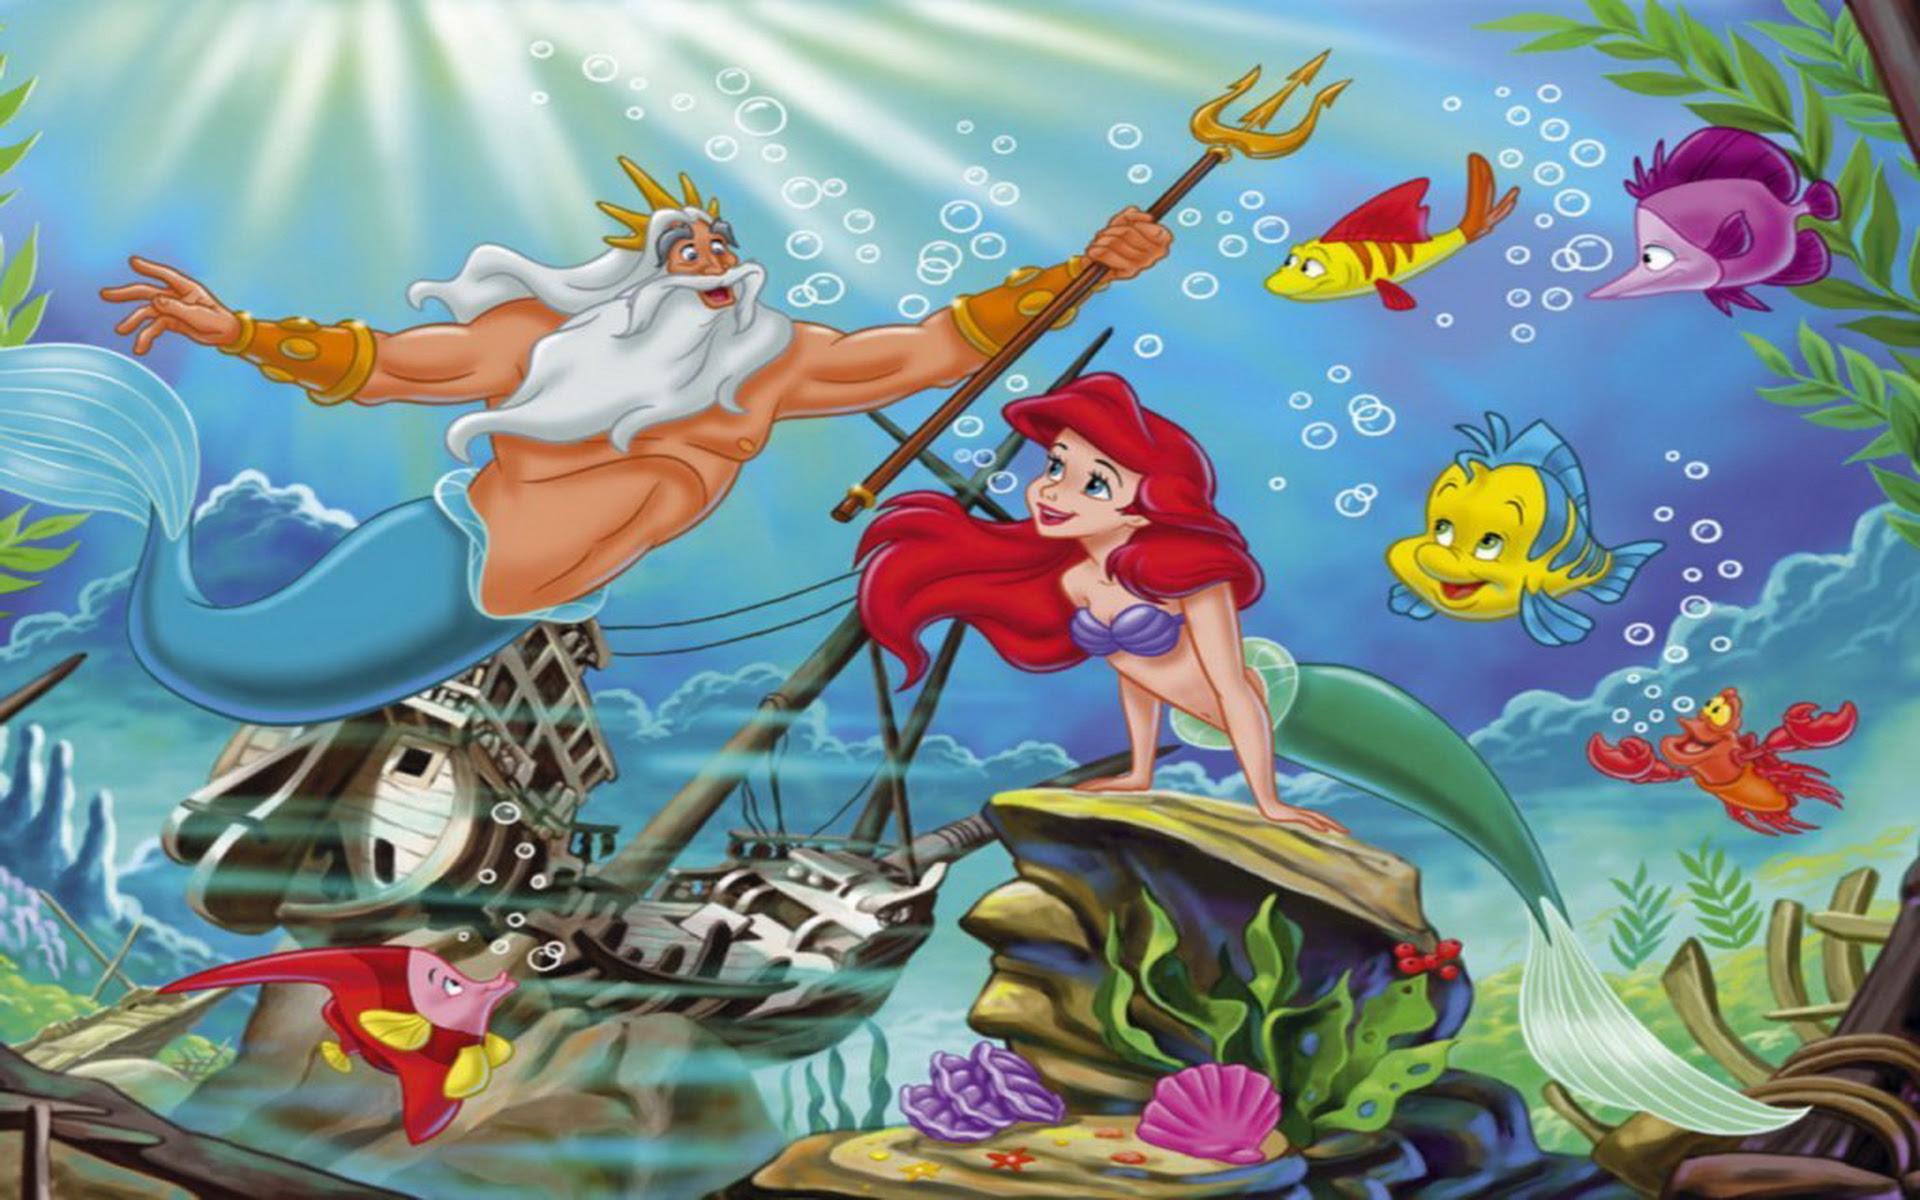 Ariel Wallpaper Hd X Wallpaperlayer The Little Mermaid Wallpaper